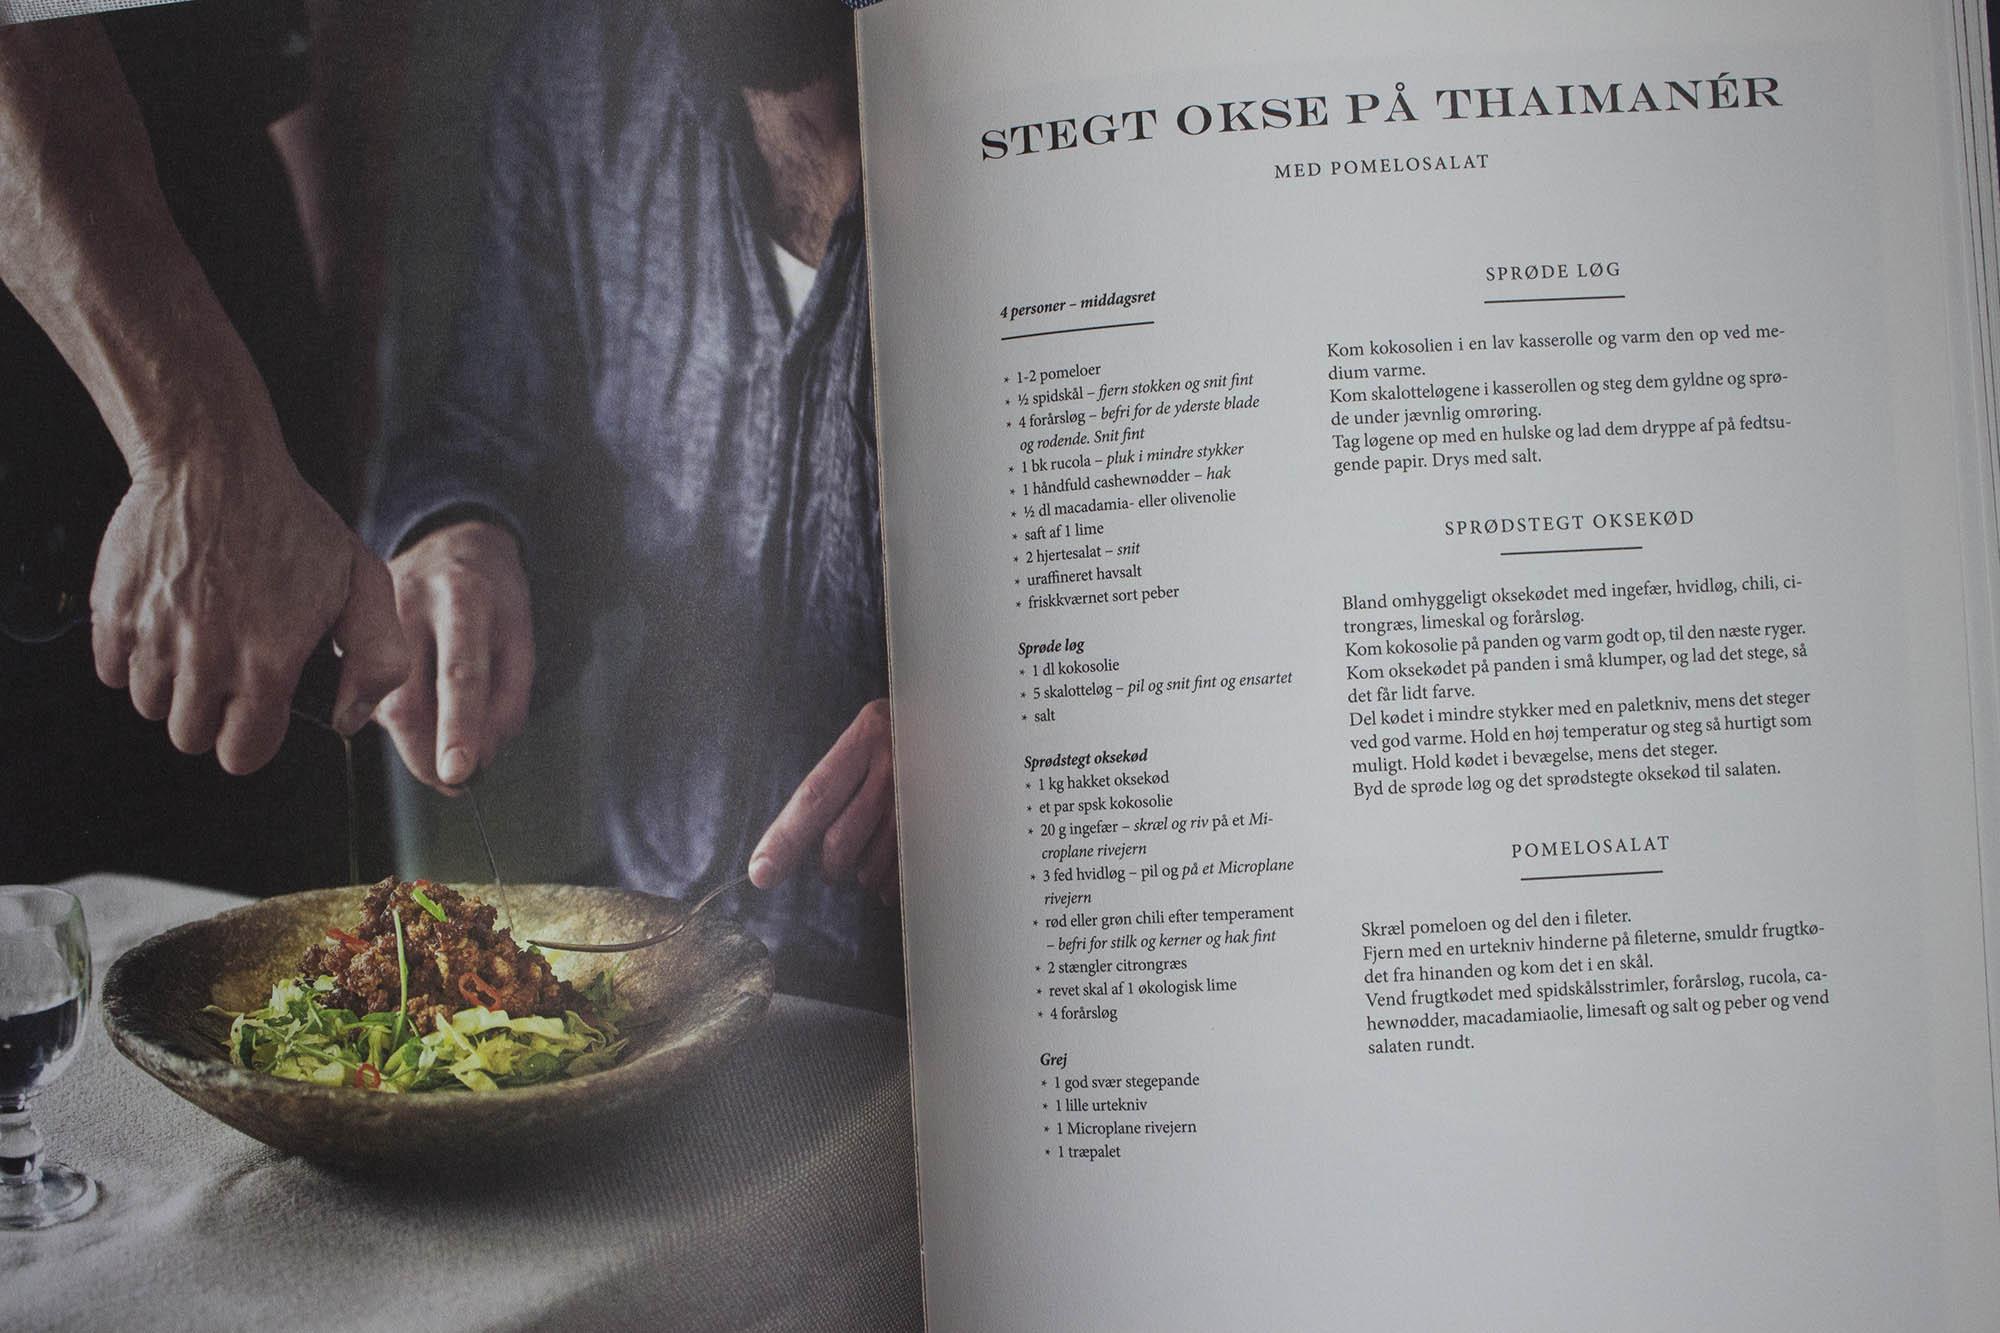 Oksekød på thai-manér